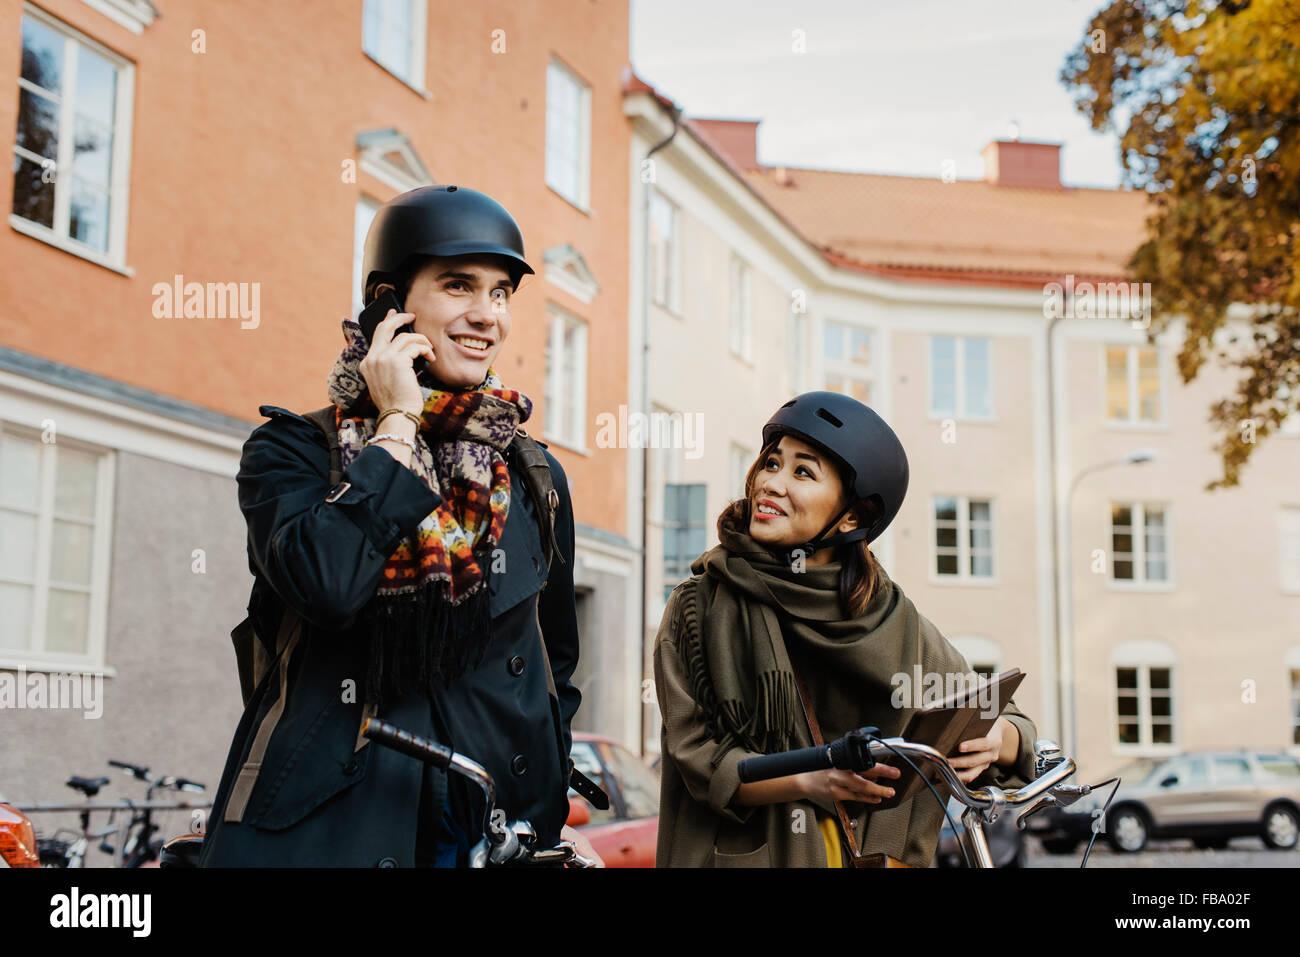 Uppland Suecia, Estocolmo, Vasastan, Rodabergsbrinken, dos personas de pie con la bicicleta al aire libre Imagen De Stock